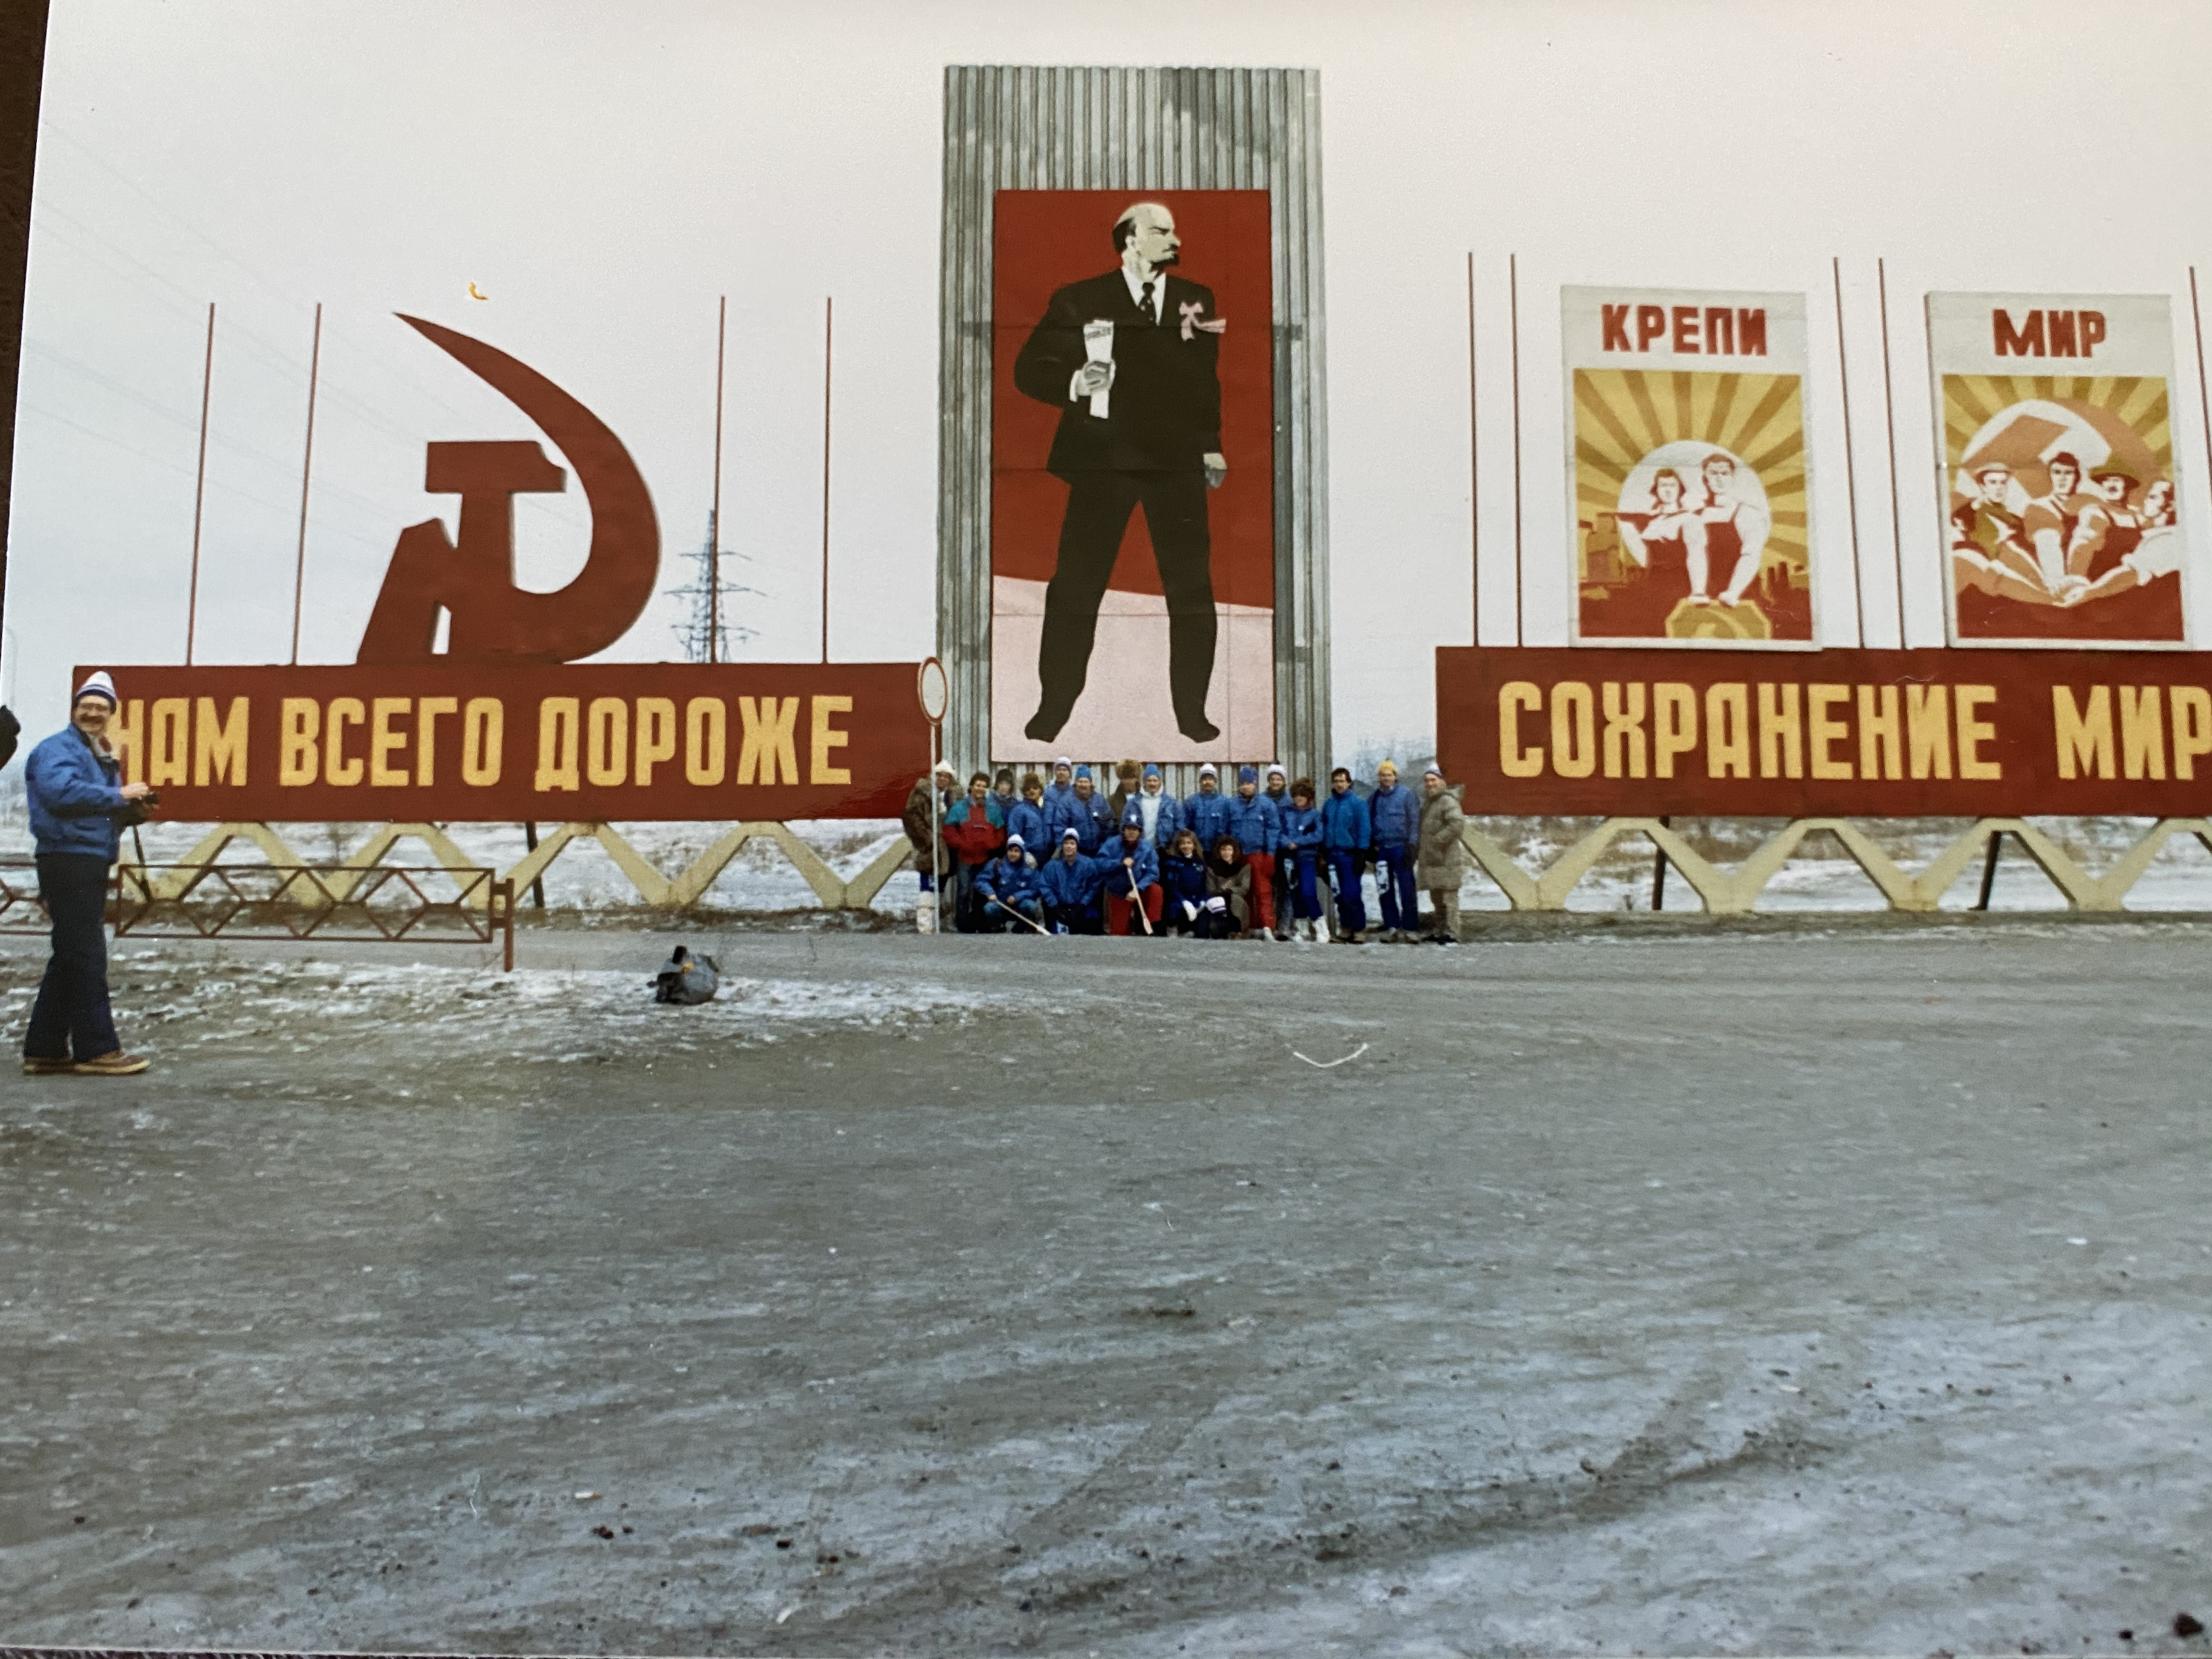 Lenin era ovunque jpg